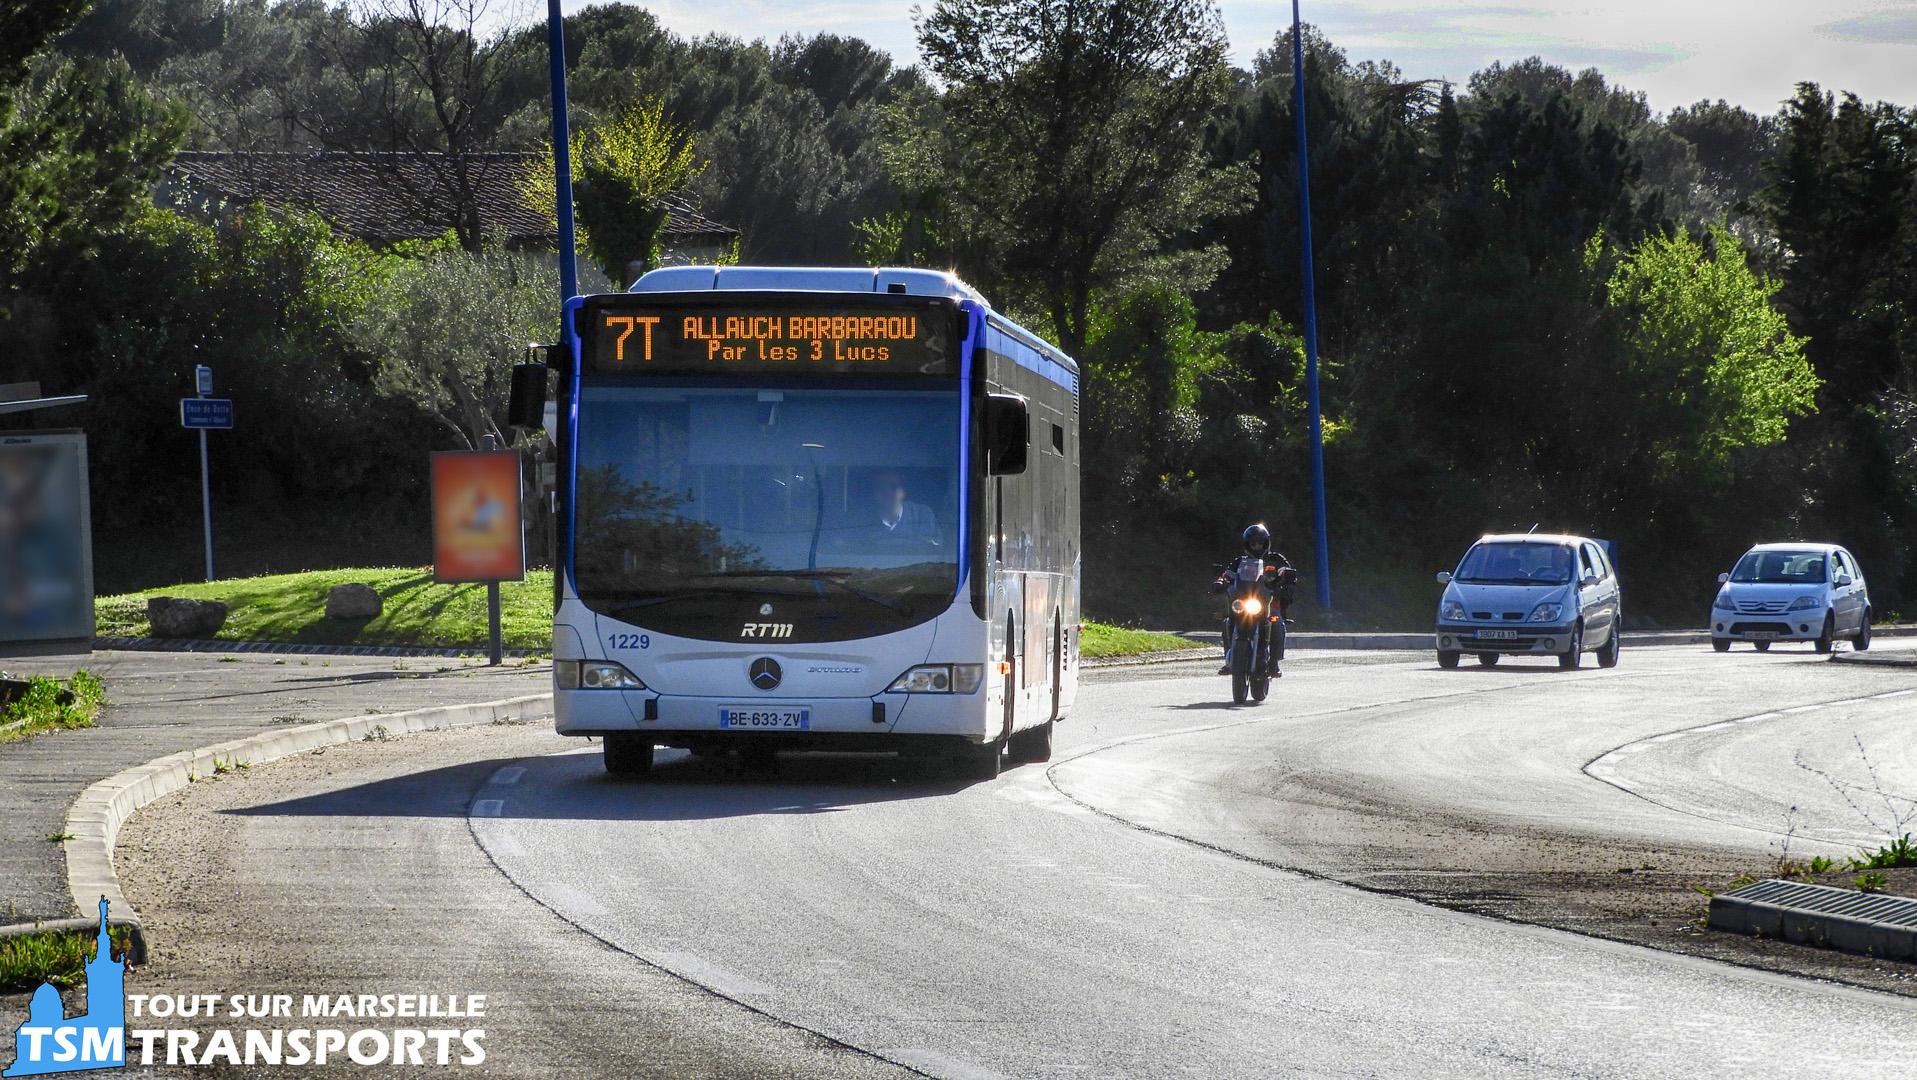 Mercedes Benz Citaro Facelift RTM n°1229 sur l'Avenue de Provence à Allauch